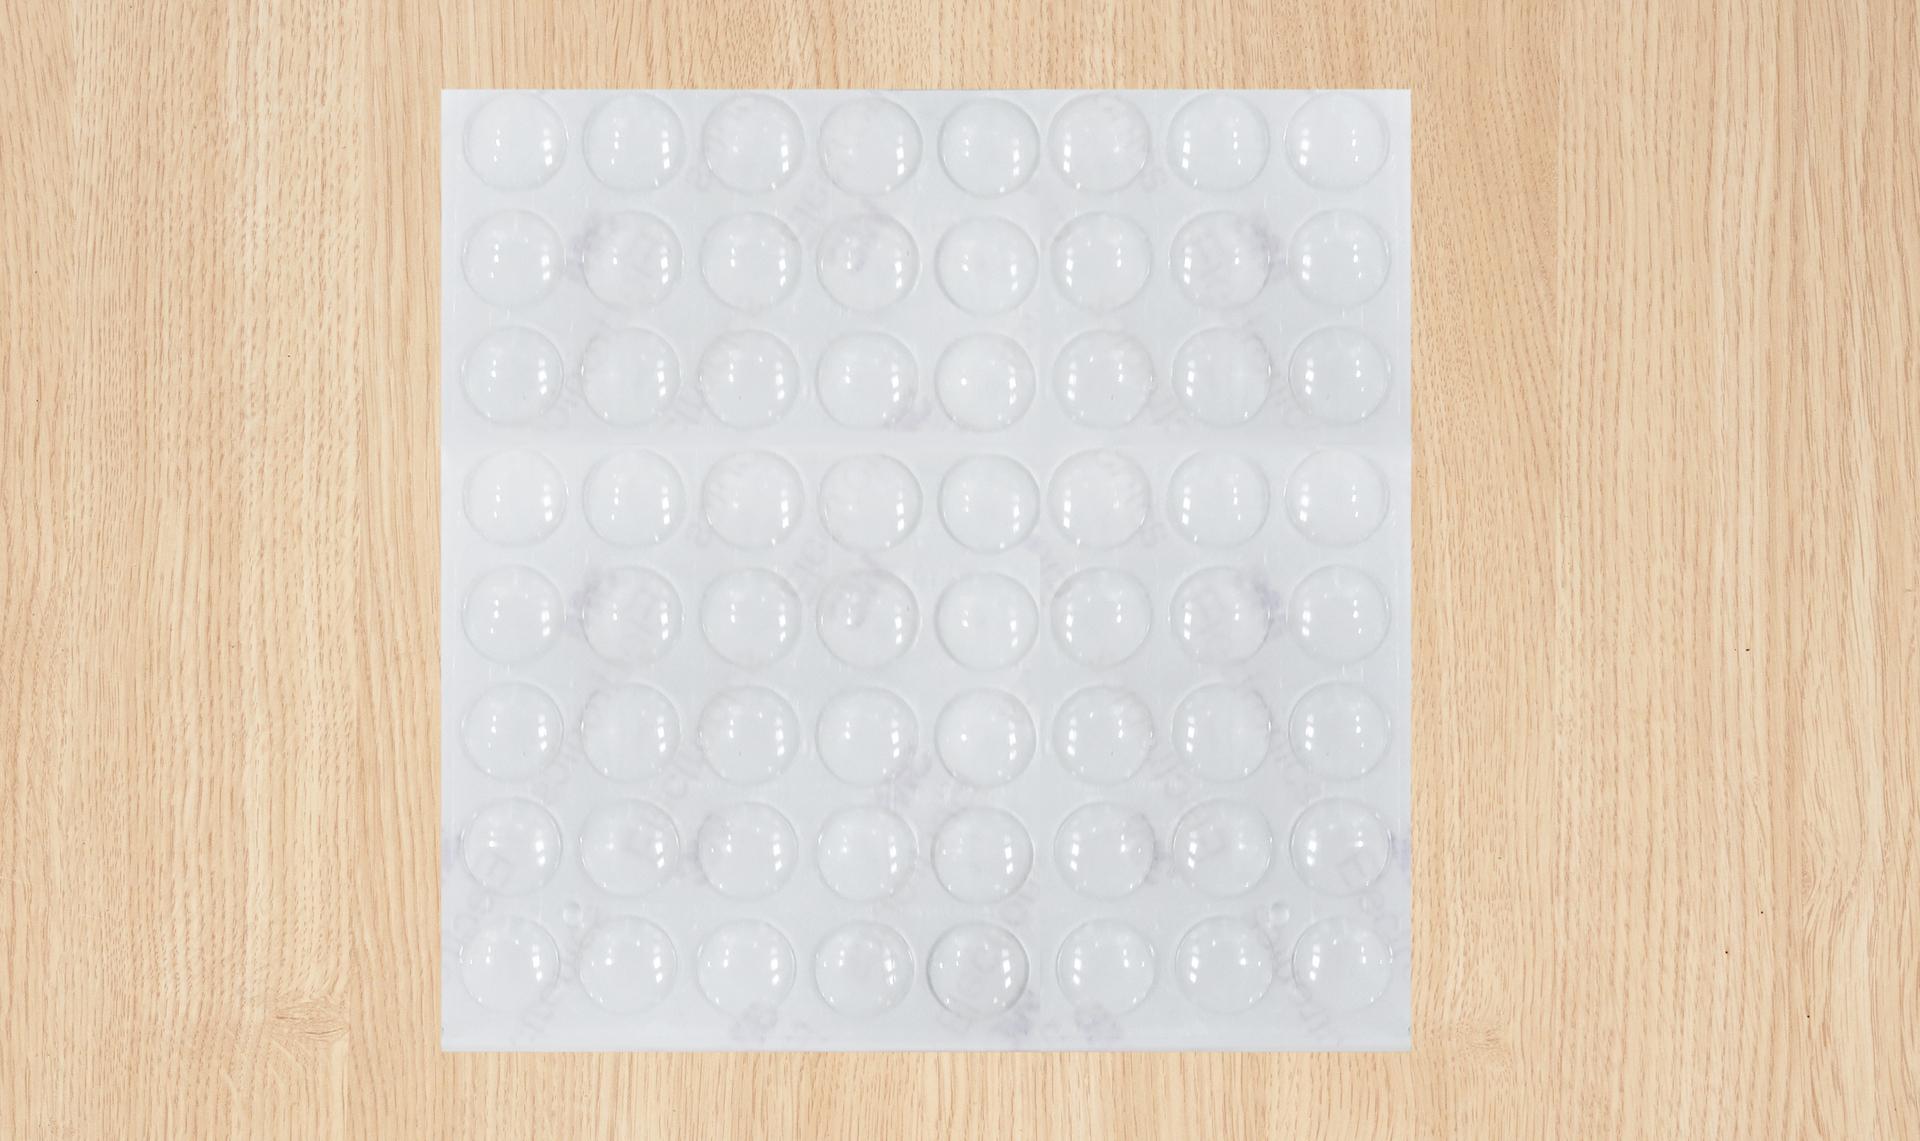 Dedra 64 ks samolepící podložky - tlumiče nárazu dvířek a šuplíků